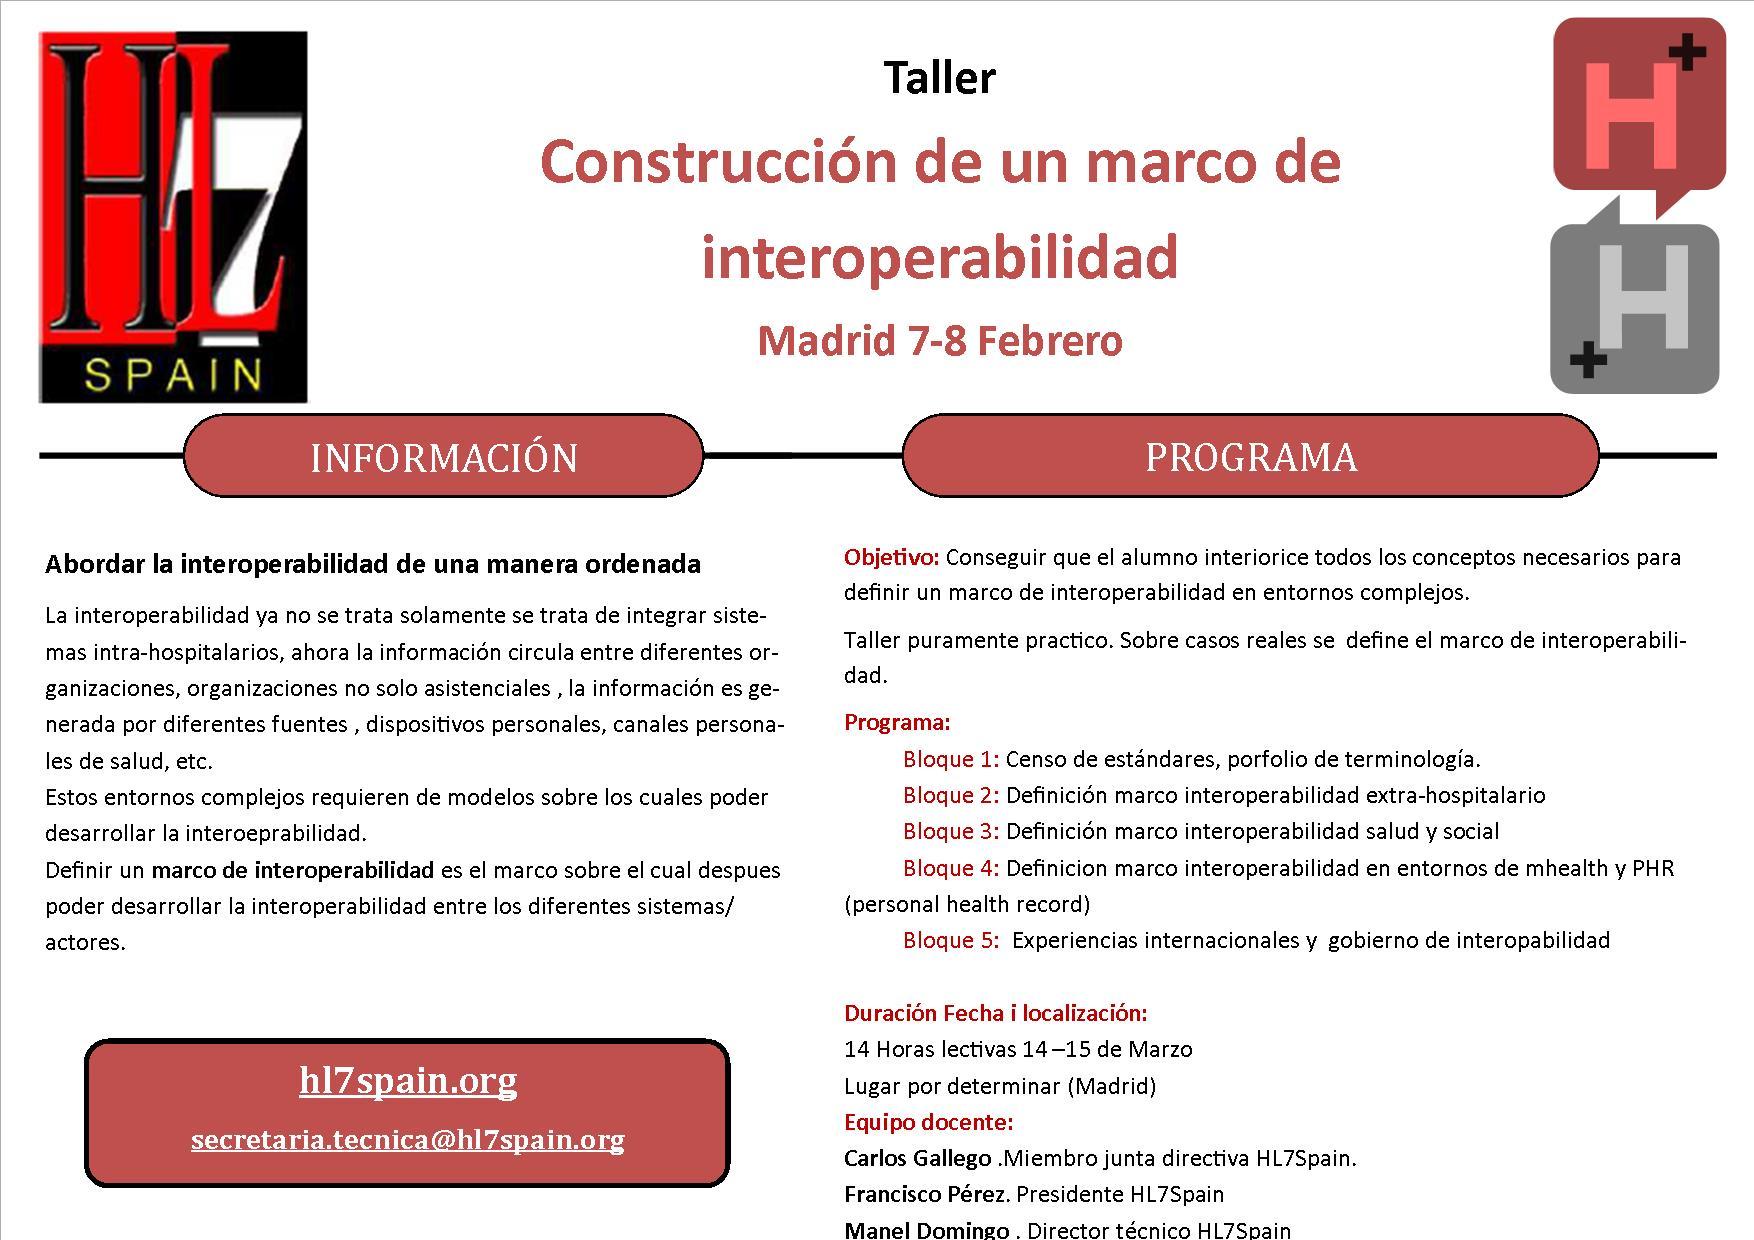 Taller Construcción de un marco de interoperabilidad